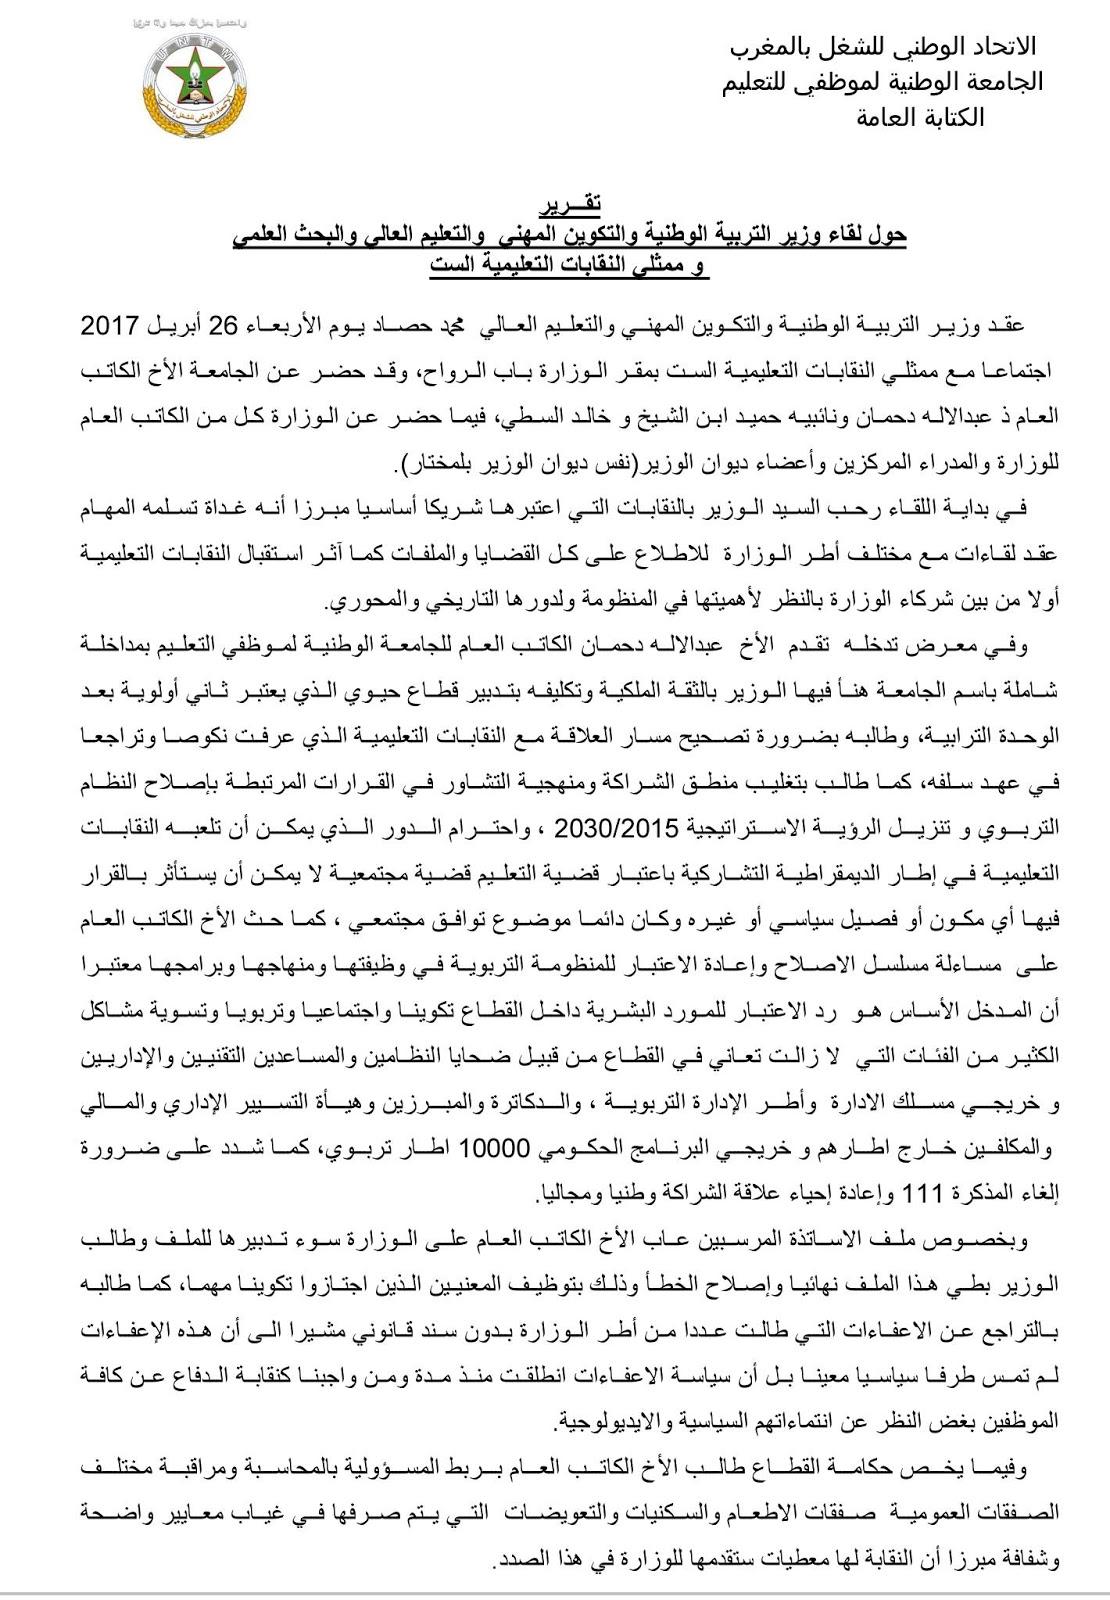 تقرير لقاء وزير التربية الوطنية وممثلي النقابات التعليمية الست